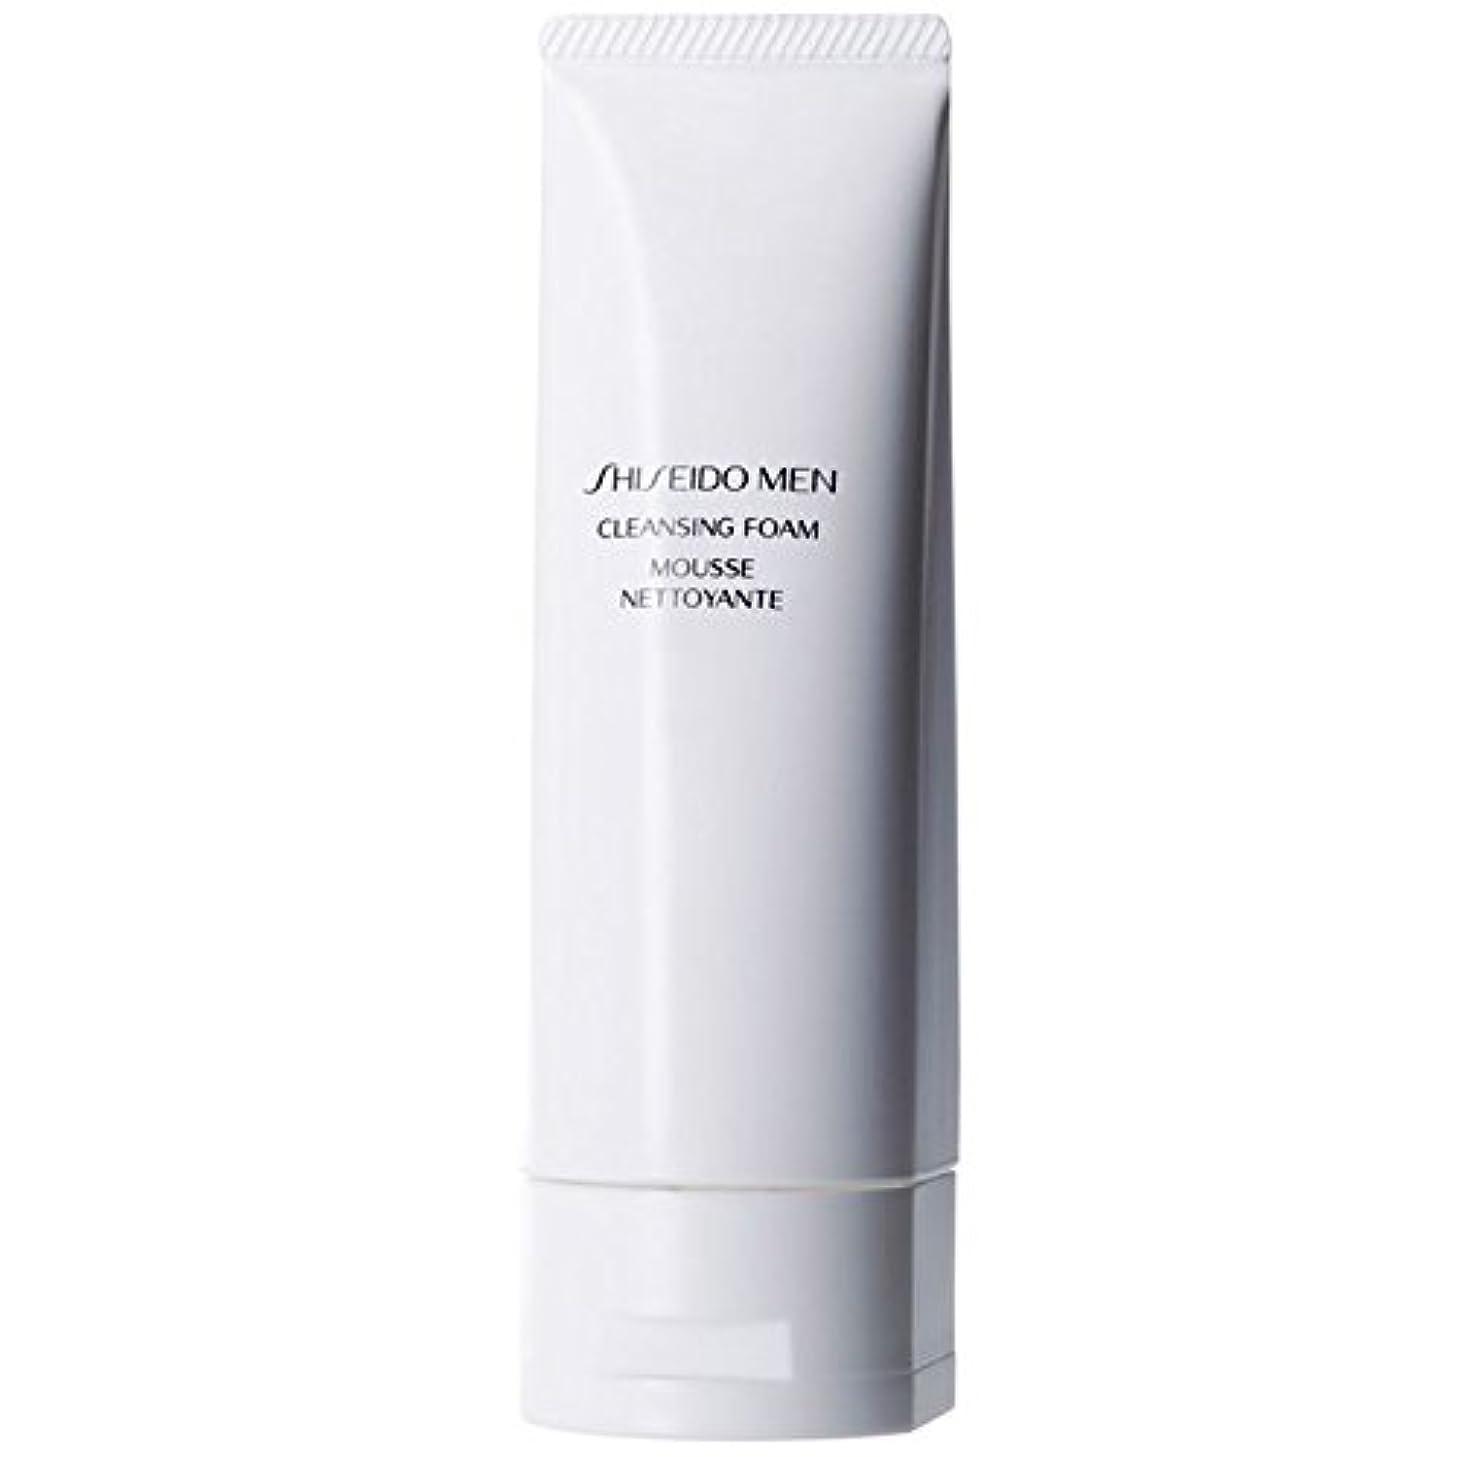 ひそかに失礼な計り知れない[Shiseido] 泡125ミリリットルをクレンジング資生堂の男性 - Shiseido Men Cleansing Foam 125ml [並行輸入品]